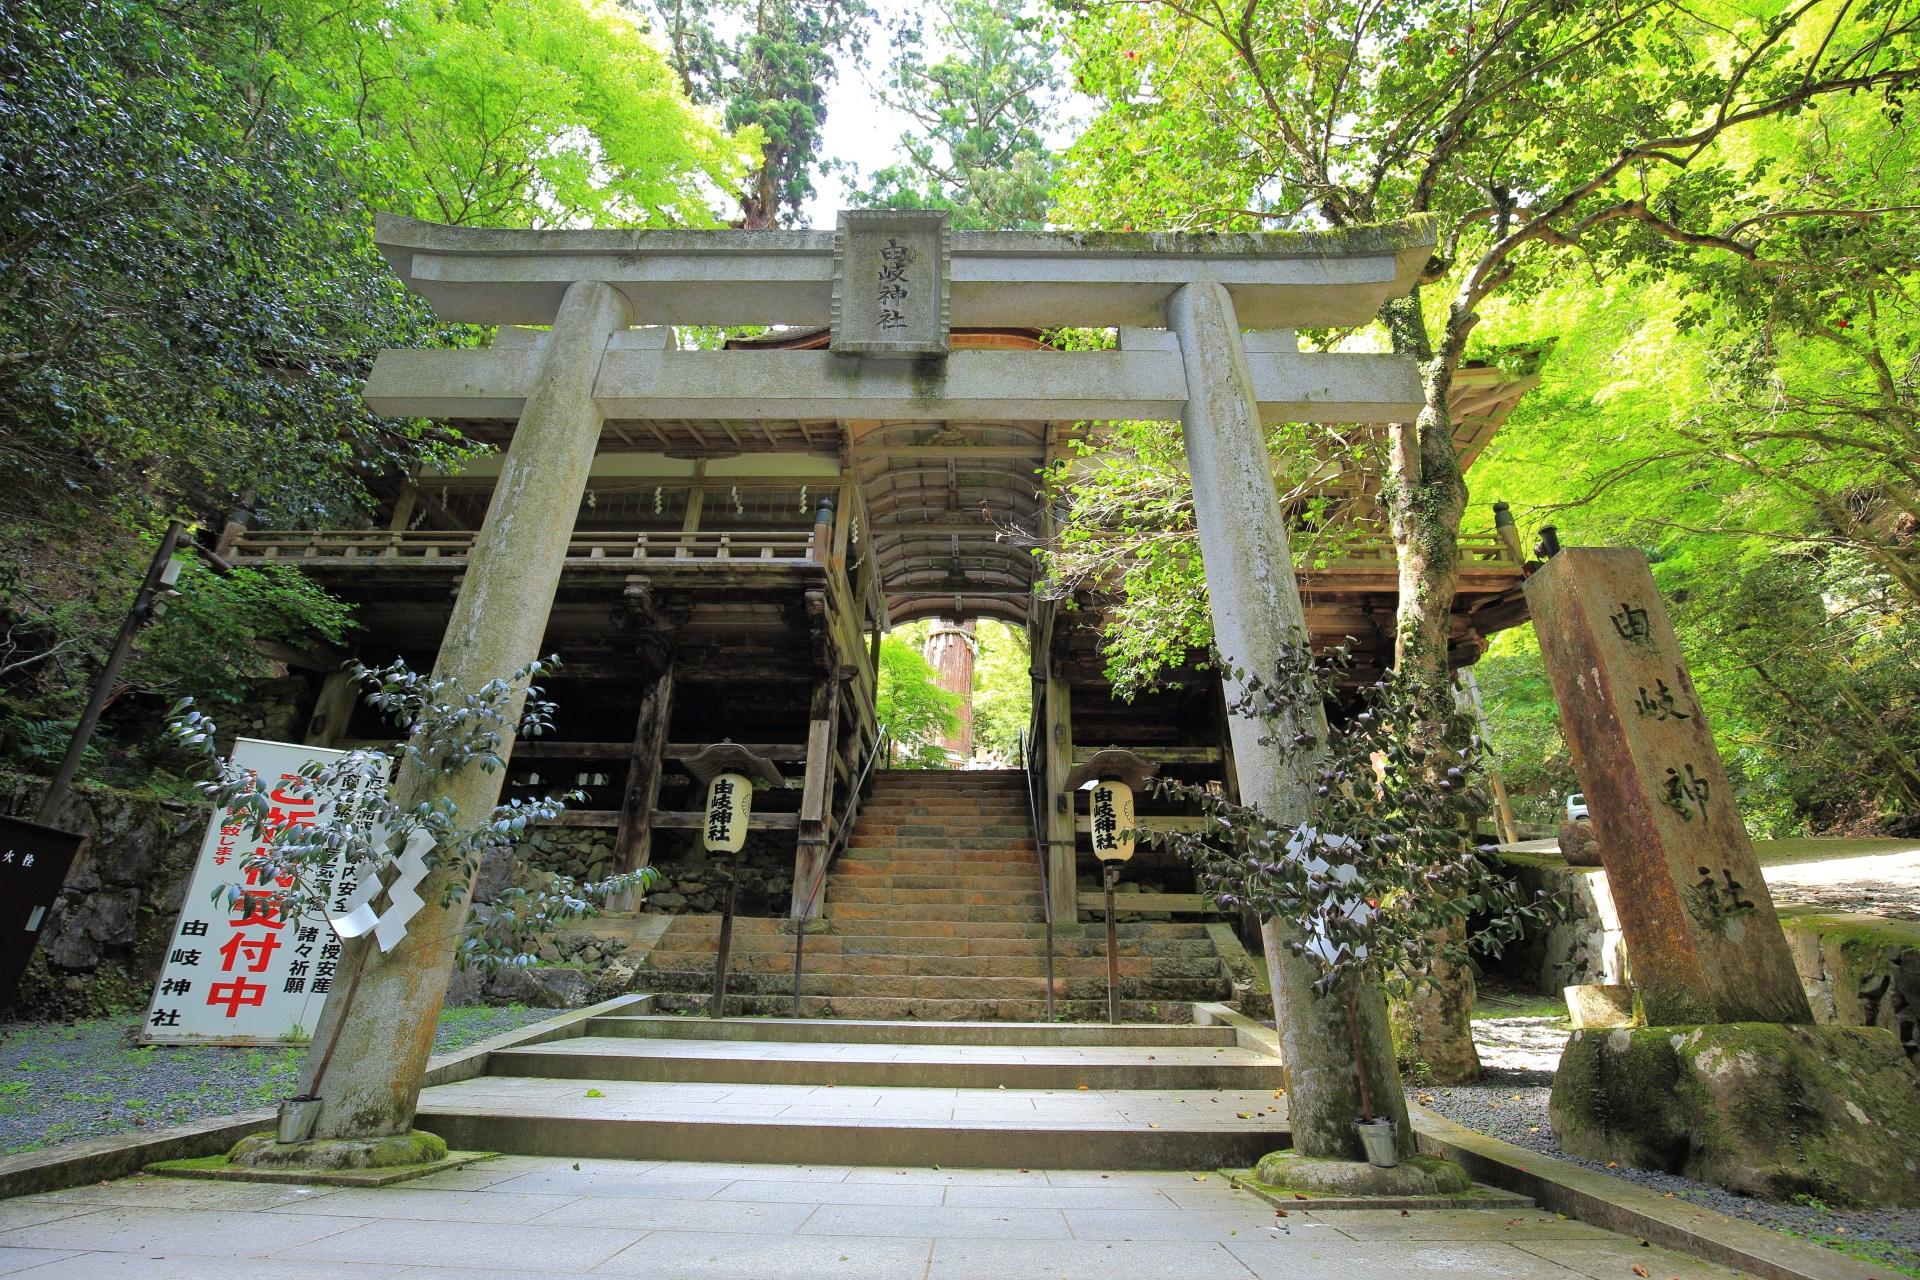 鞍馬寺の鎮守社の由岐神社(ゆきじんじゃ)